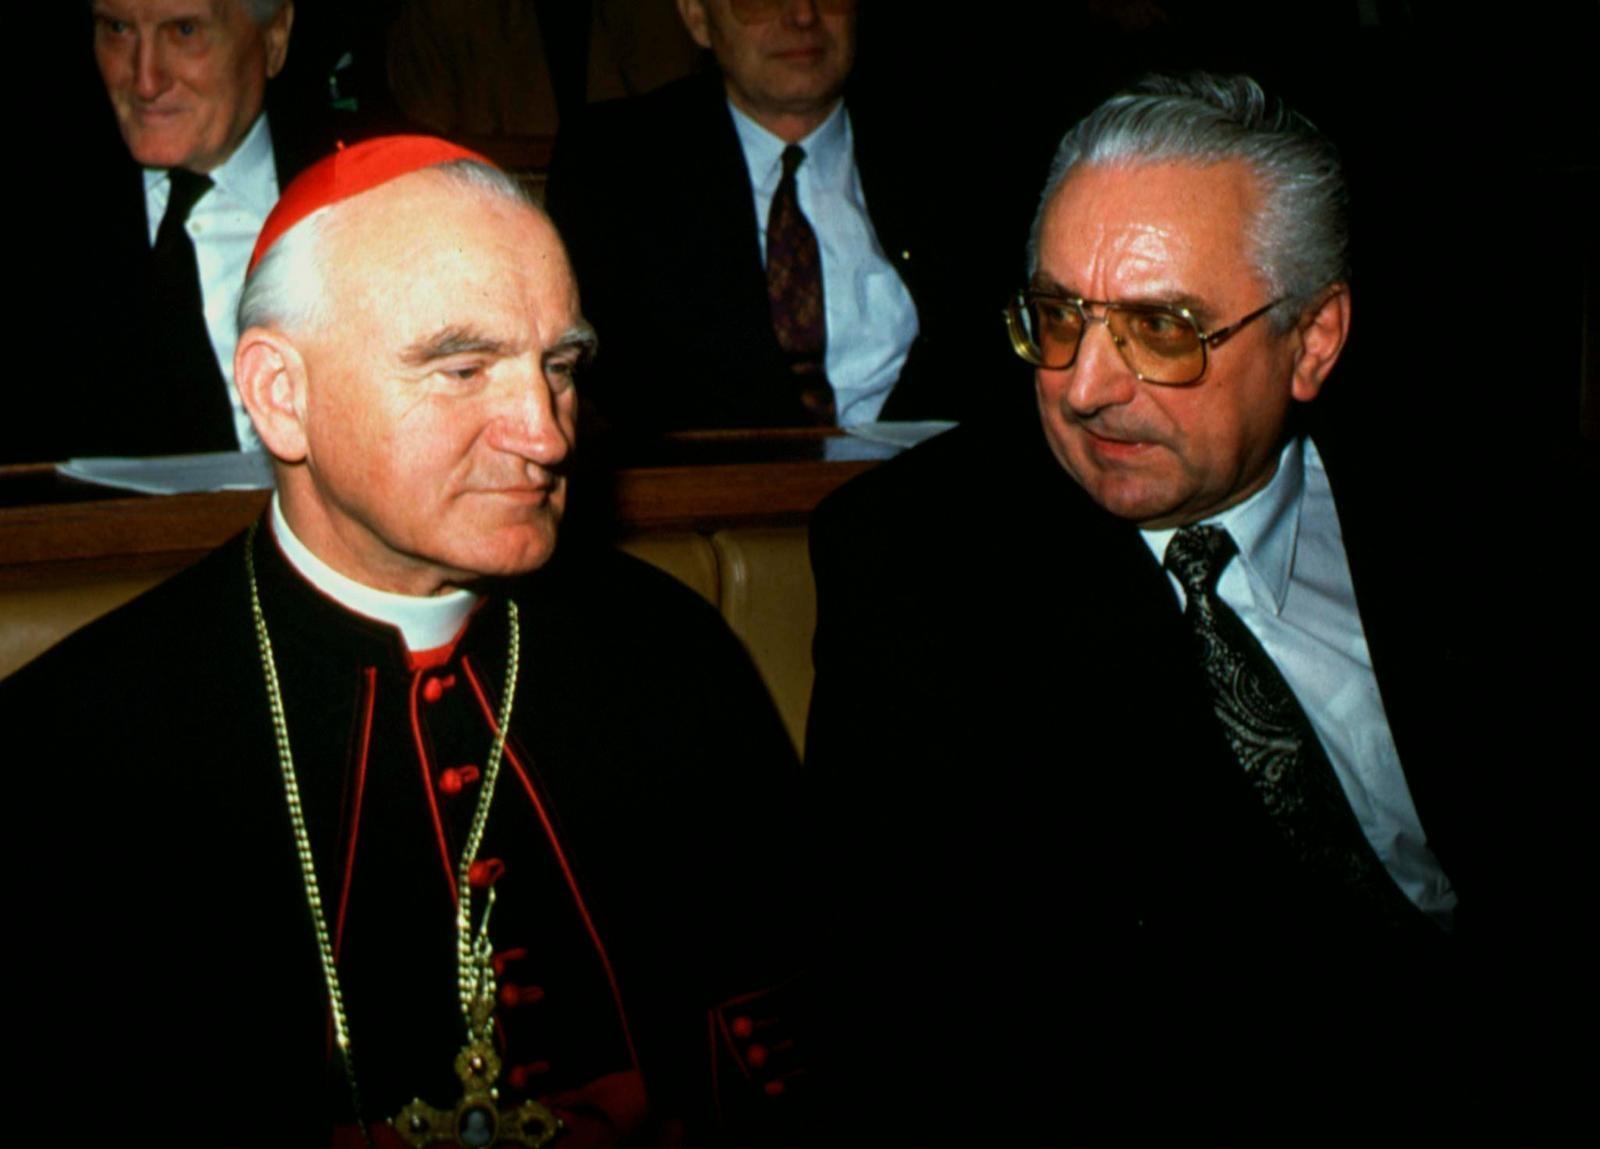 30.05.1990., Zagreb - Prvi hrvatski predsjednik dr. Franjo Tudjman i kardinal Franjo Kuharic za prvog zasjedanja Sabora RH 1990. godine. Photo: Nikola Solic//HaloPix/PIXSELL